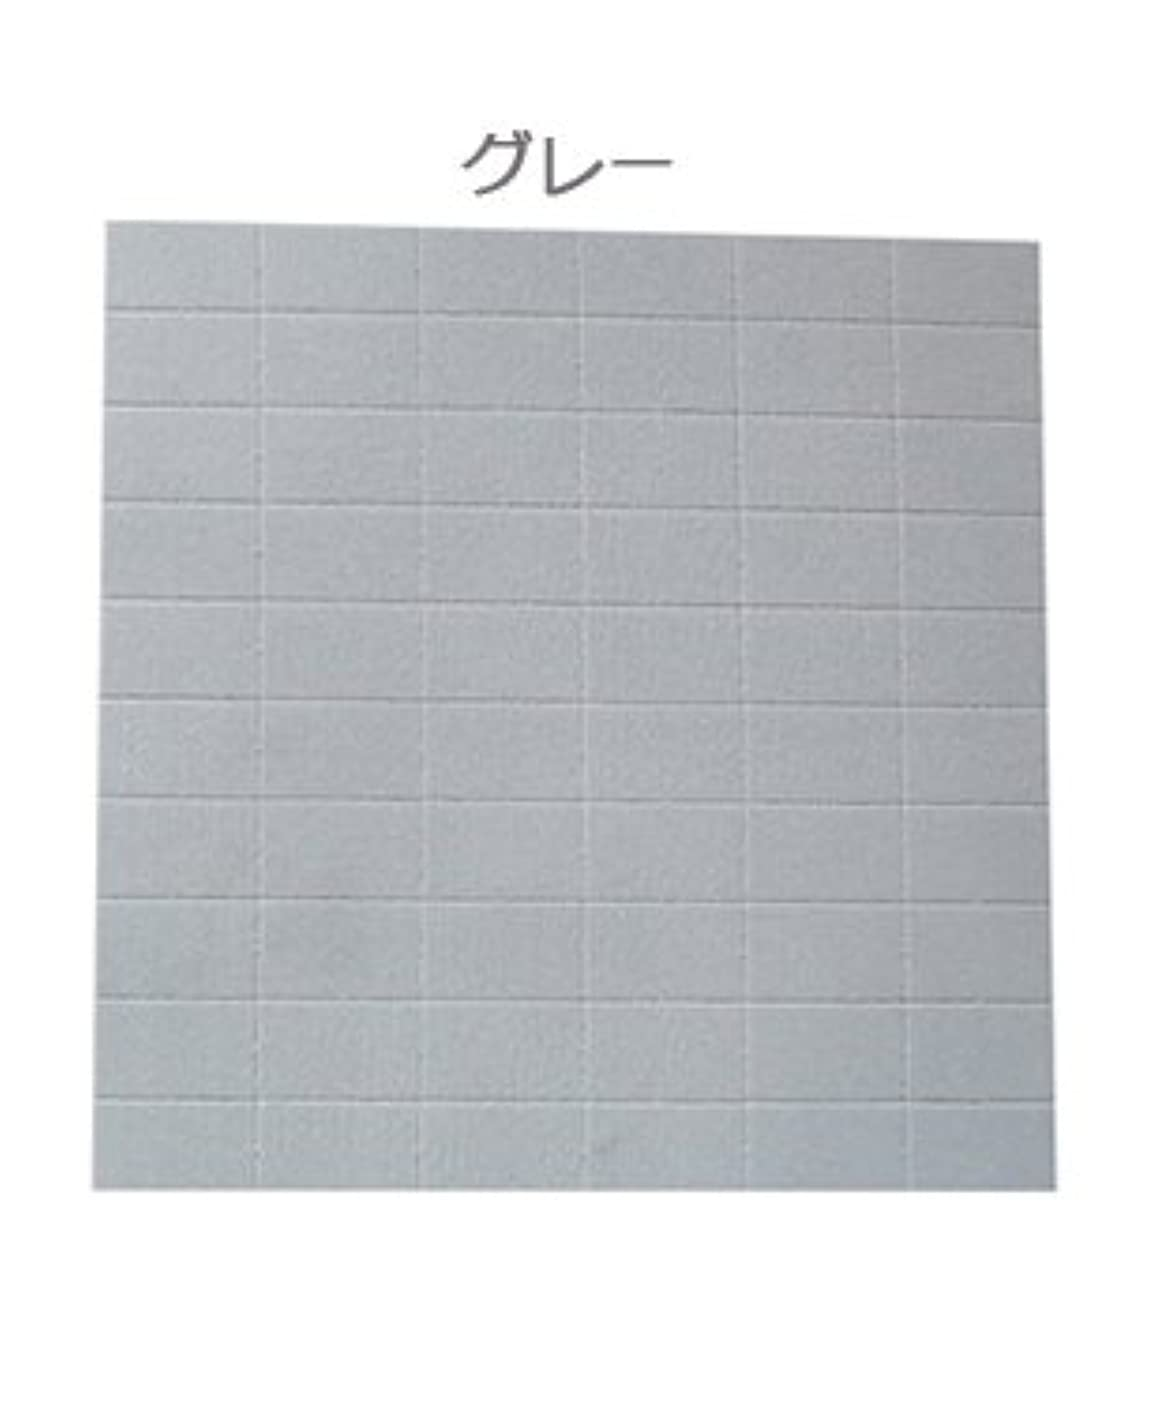 靄のスコア小道具ネイル用ミニブロック60個/2wayスポンジファイル ☆150G/180G (グレー)